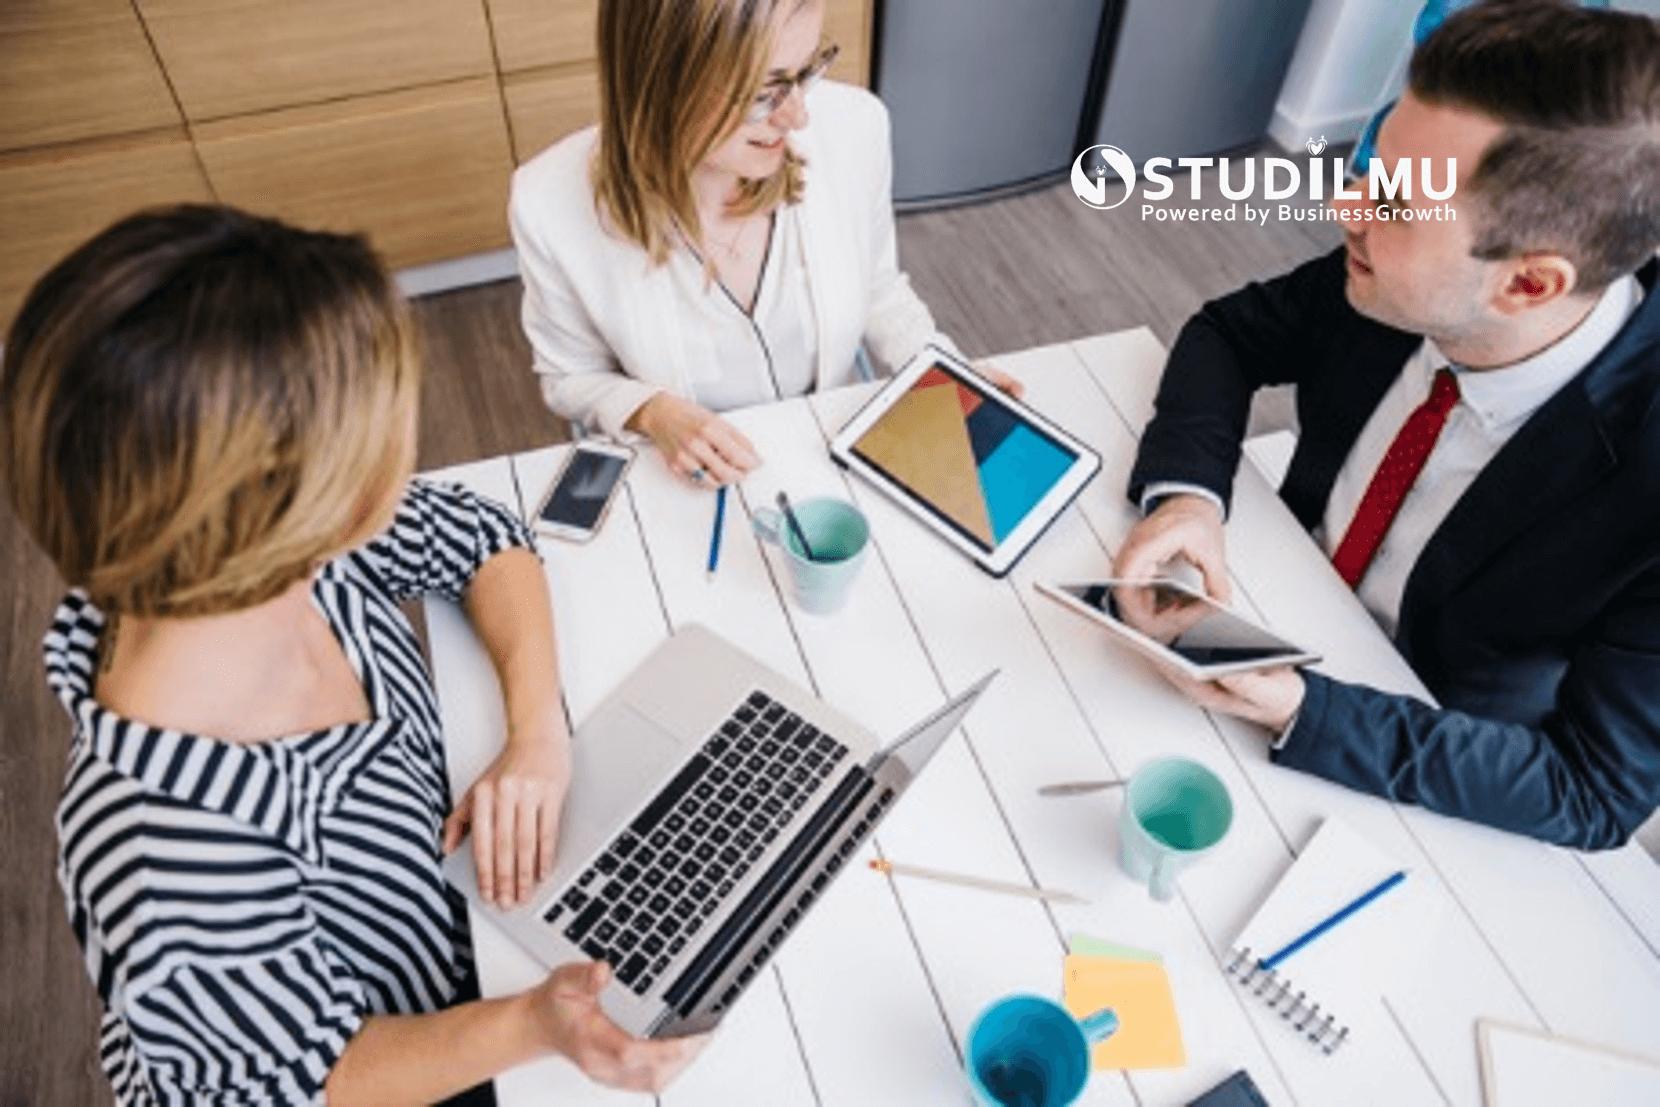 STUDILMU Career Advice - 6 Hal yang Mengganggu Produktivitas Karyawan dan Solusinya